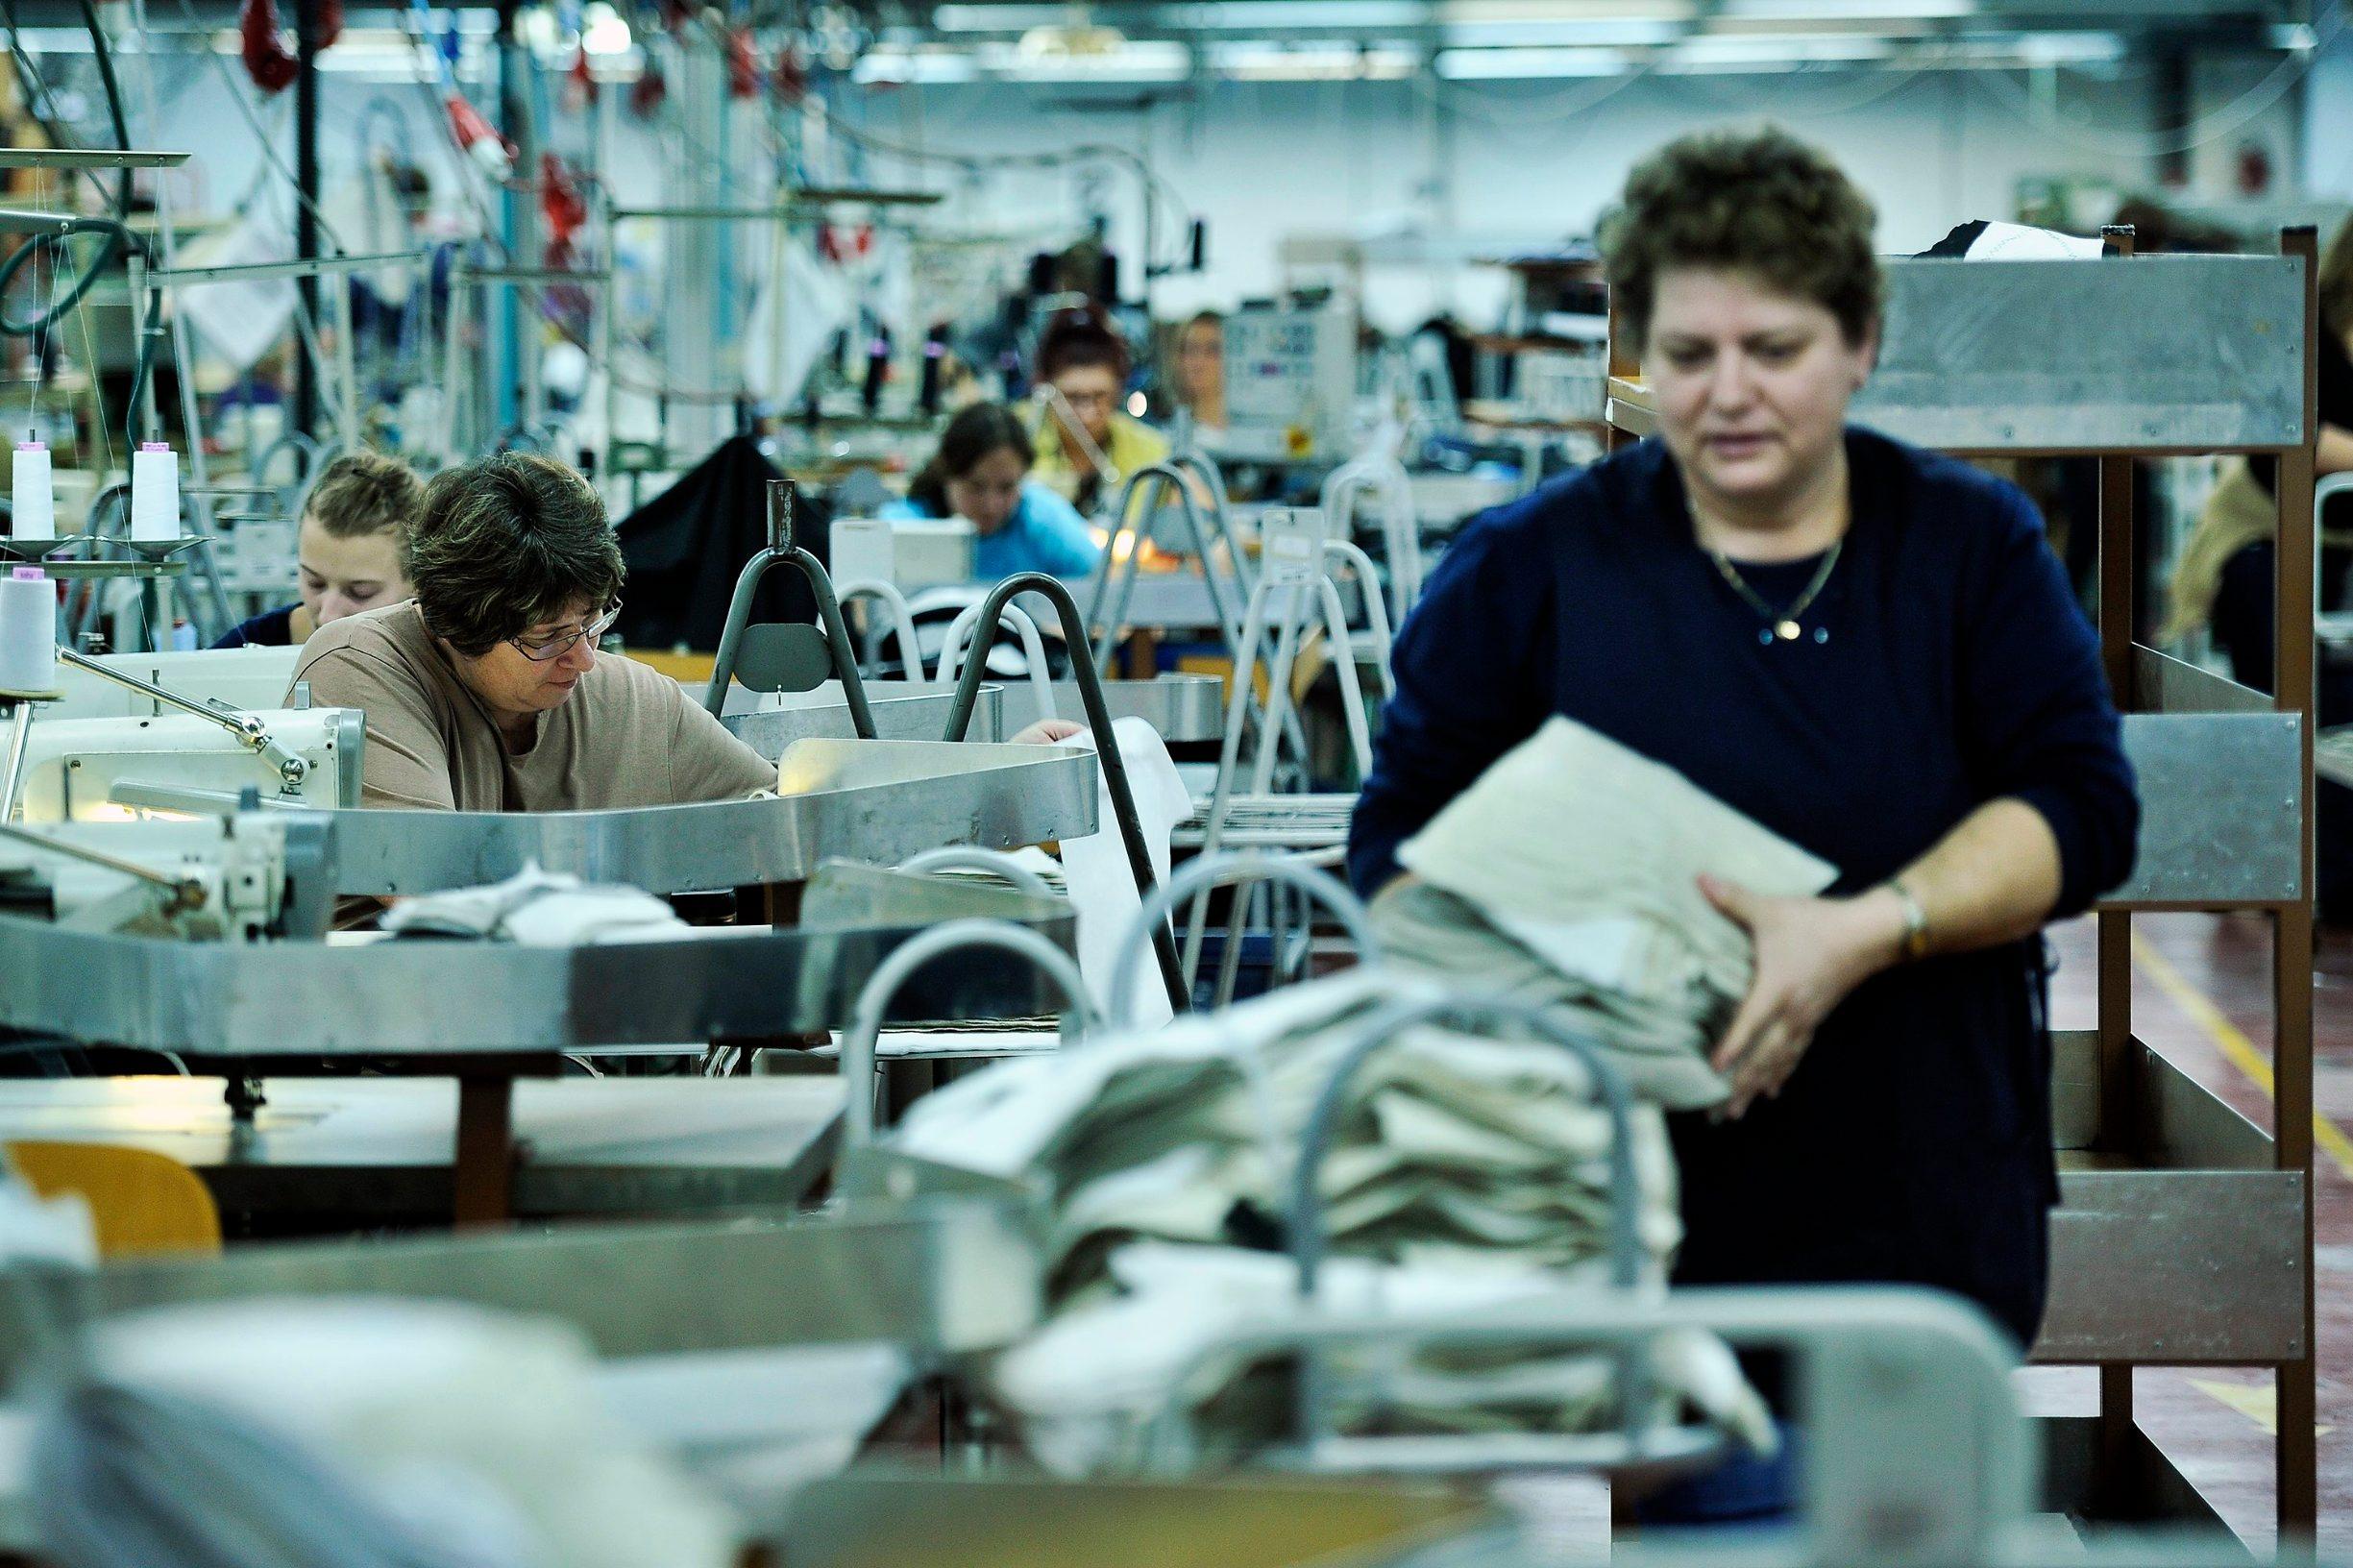 Varazdin, 100113. Varazdinska tekstilna industrija Varteks. Na fotografiji: proizvodnja. Foto: Boris Kovacev / CROPIX